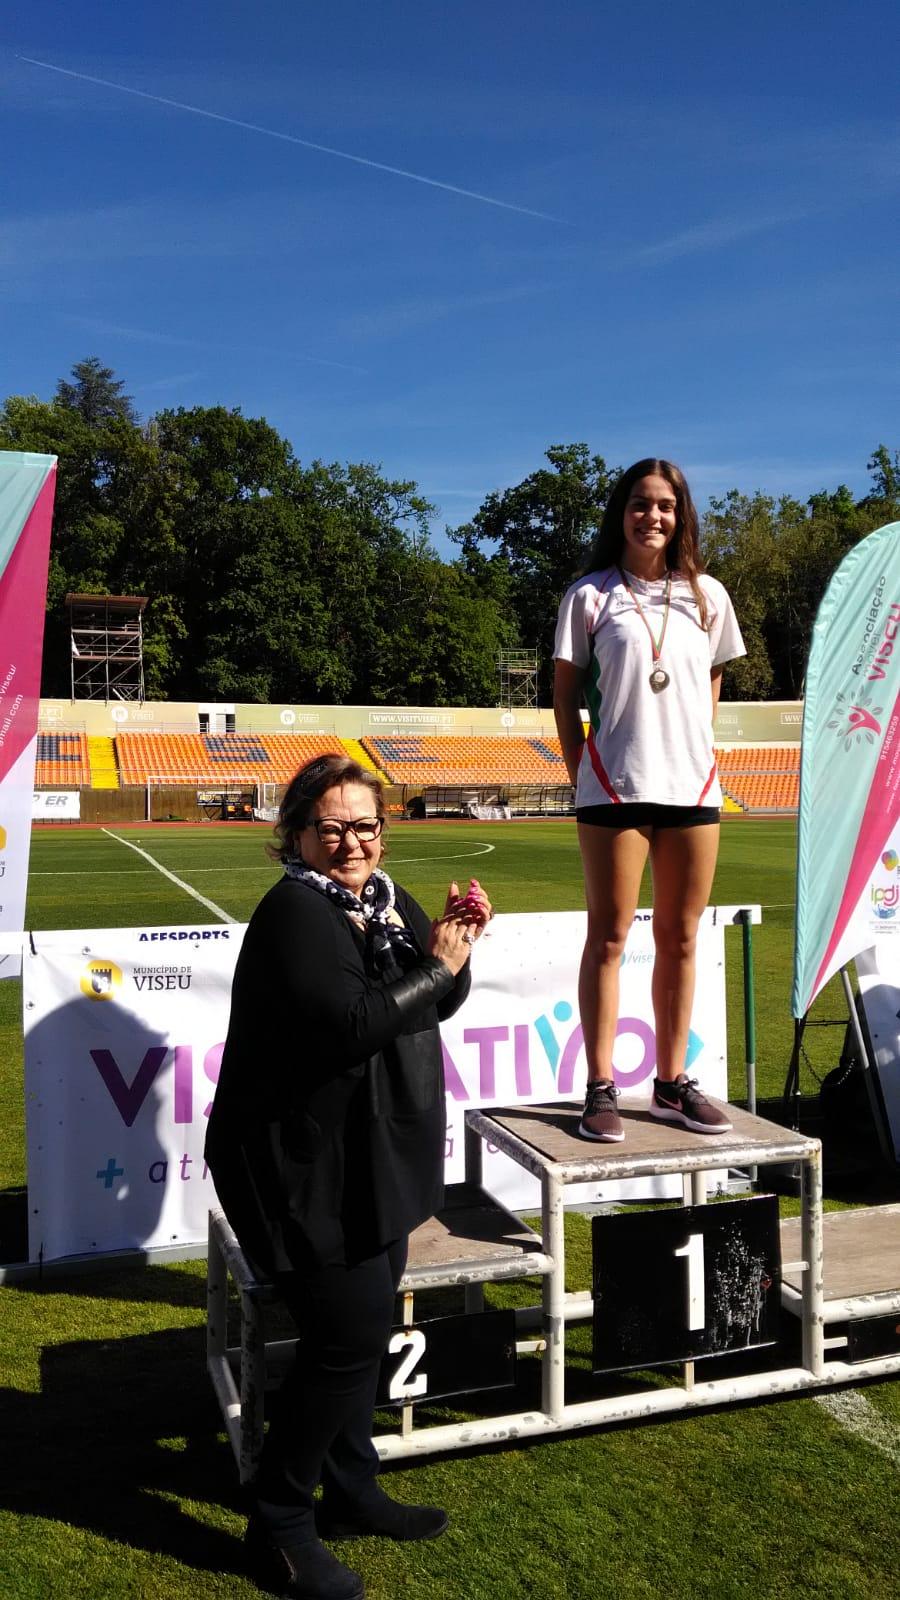 """Vencedores do IV Meeting Atletismo Inclusivo """"Cidade de Viseu"""""""